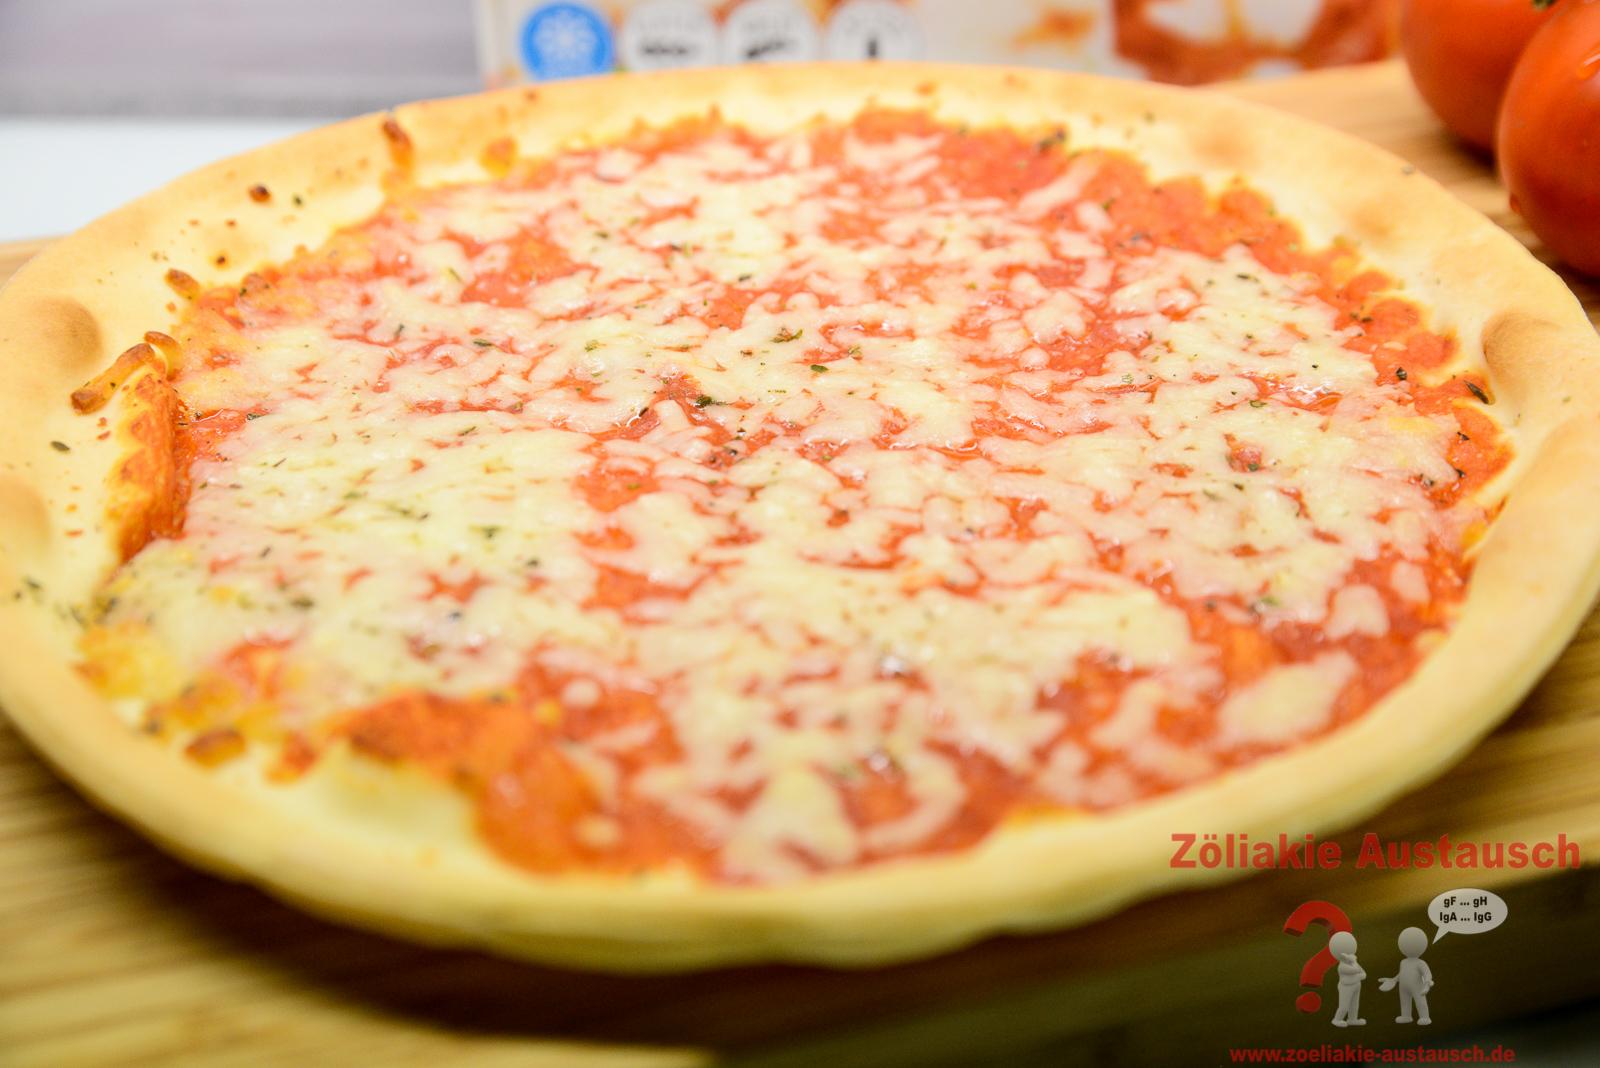 Schaer_Pizza-Zoeliakie_Austausch_030